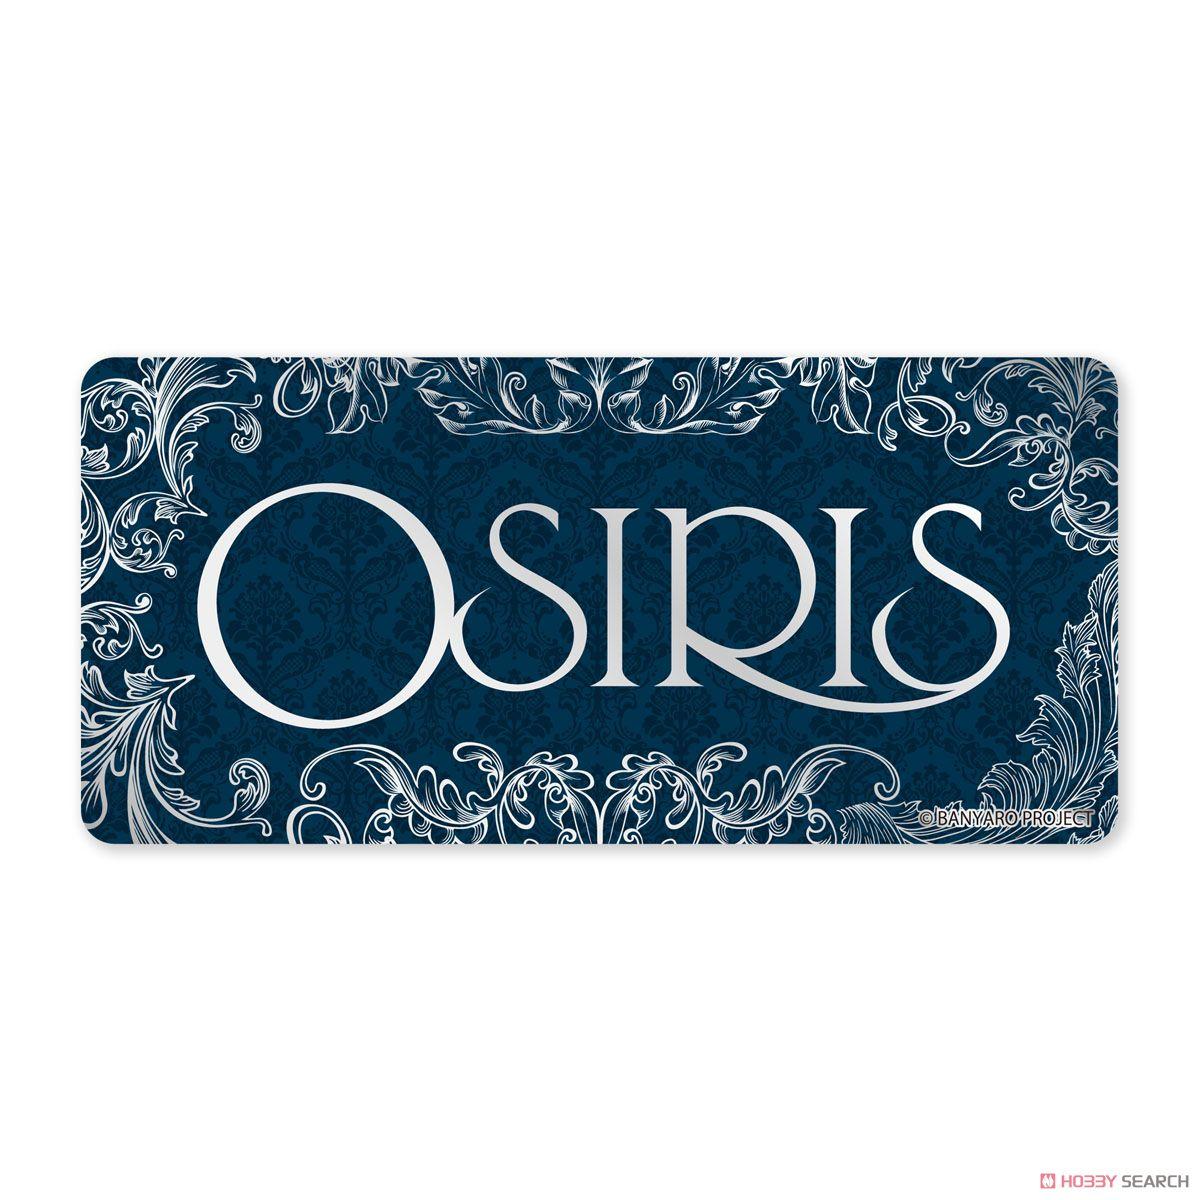 バンドやろうぜ! バンドロゴステッカー OSIRIS (キャラクターグッズ)